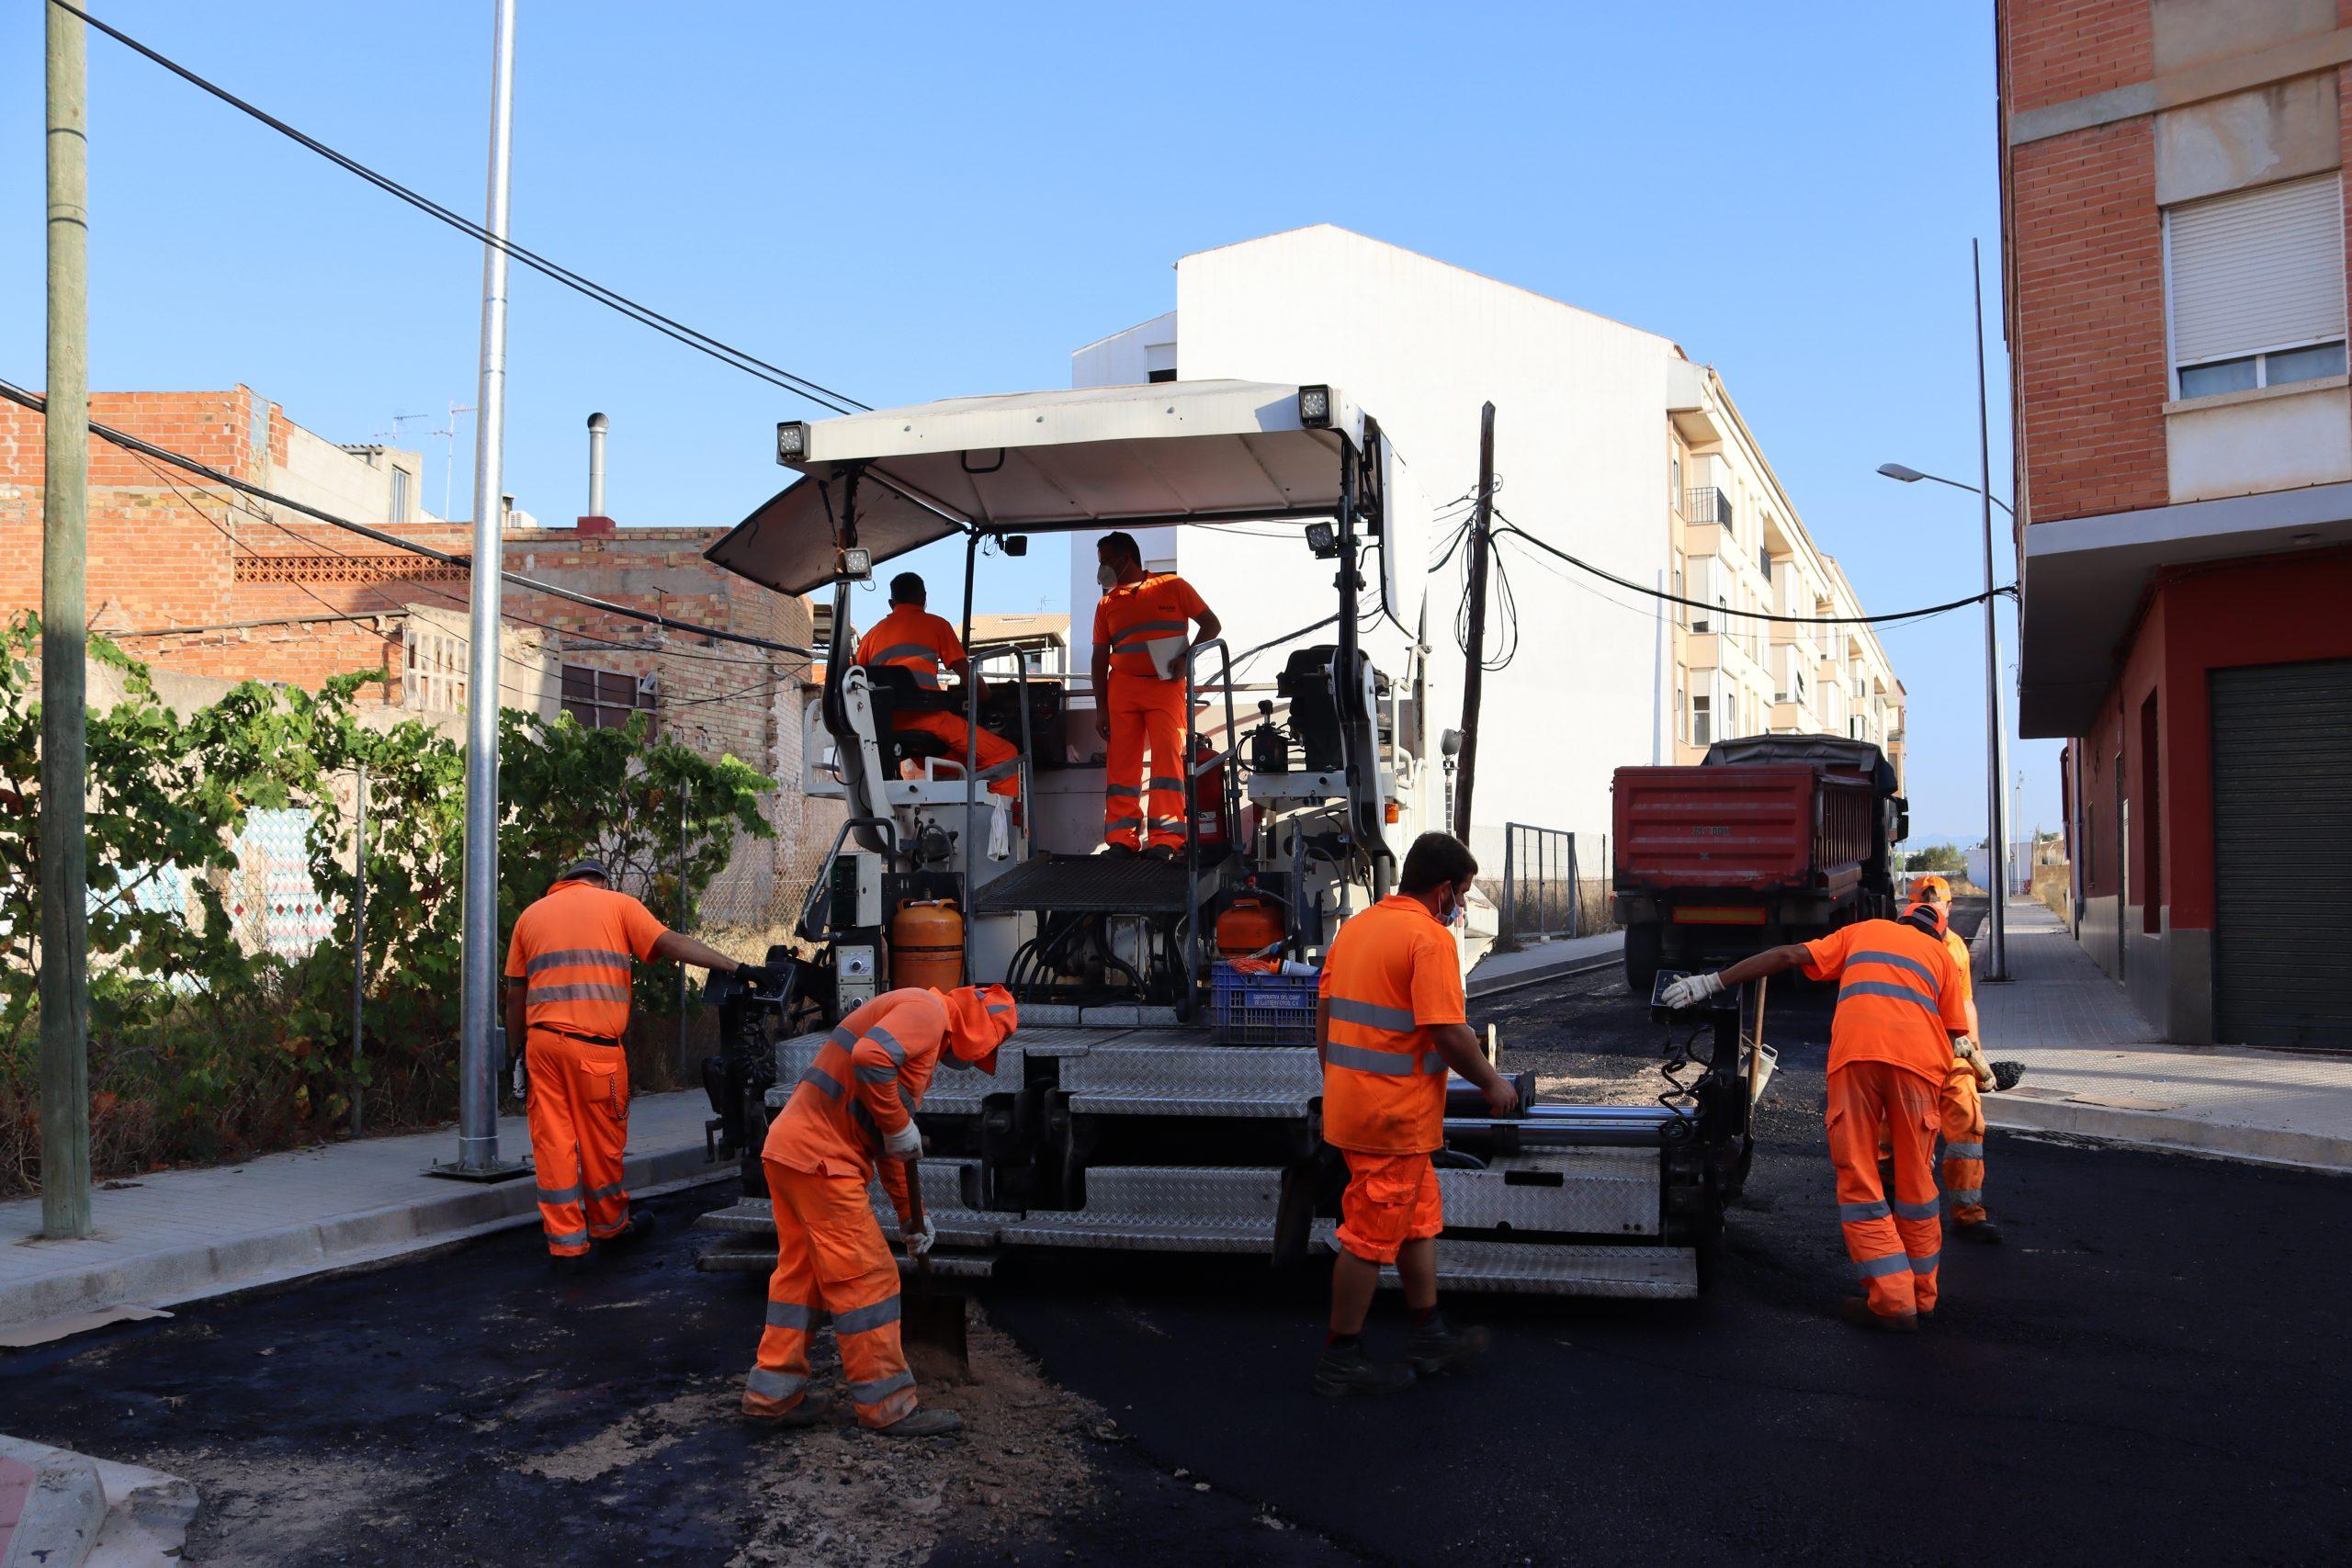 Territorio actúa en la calle Maestrat de Vila-real para dotar de seguridad y dignificar este vial inacabado durante la crisis inmobiliaria